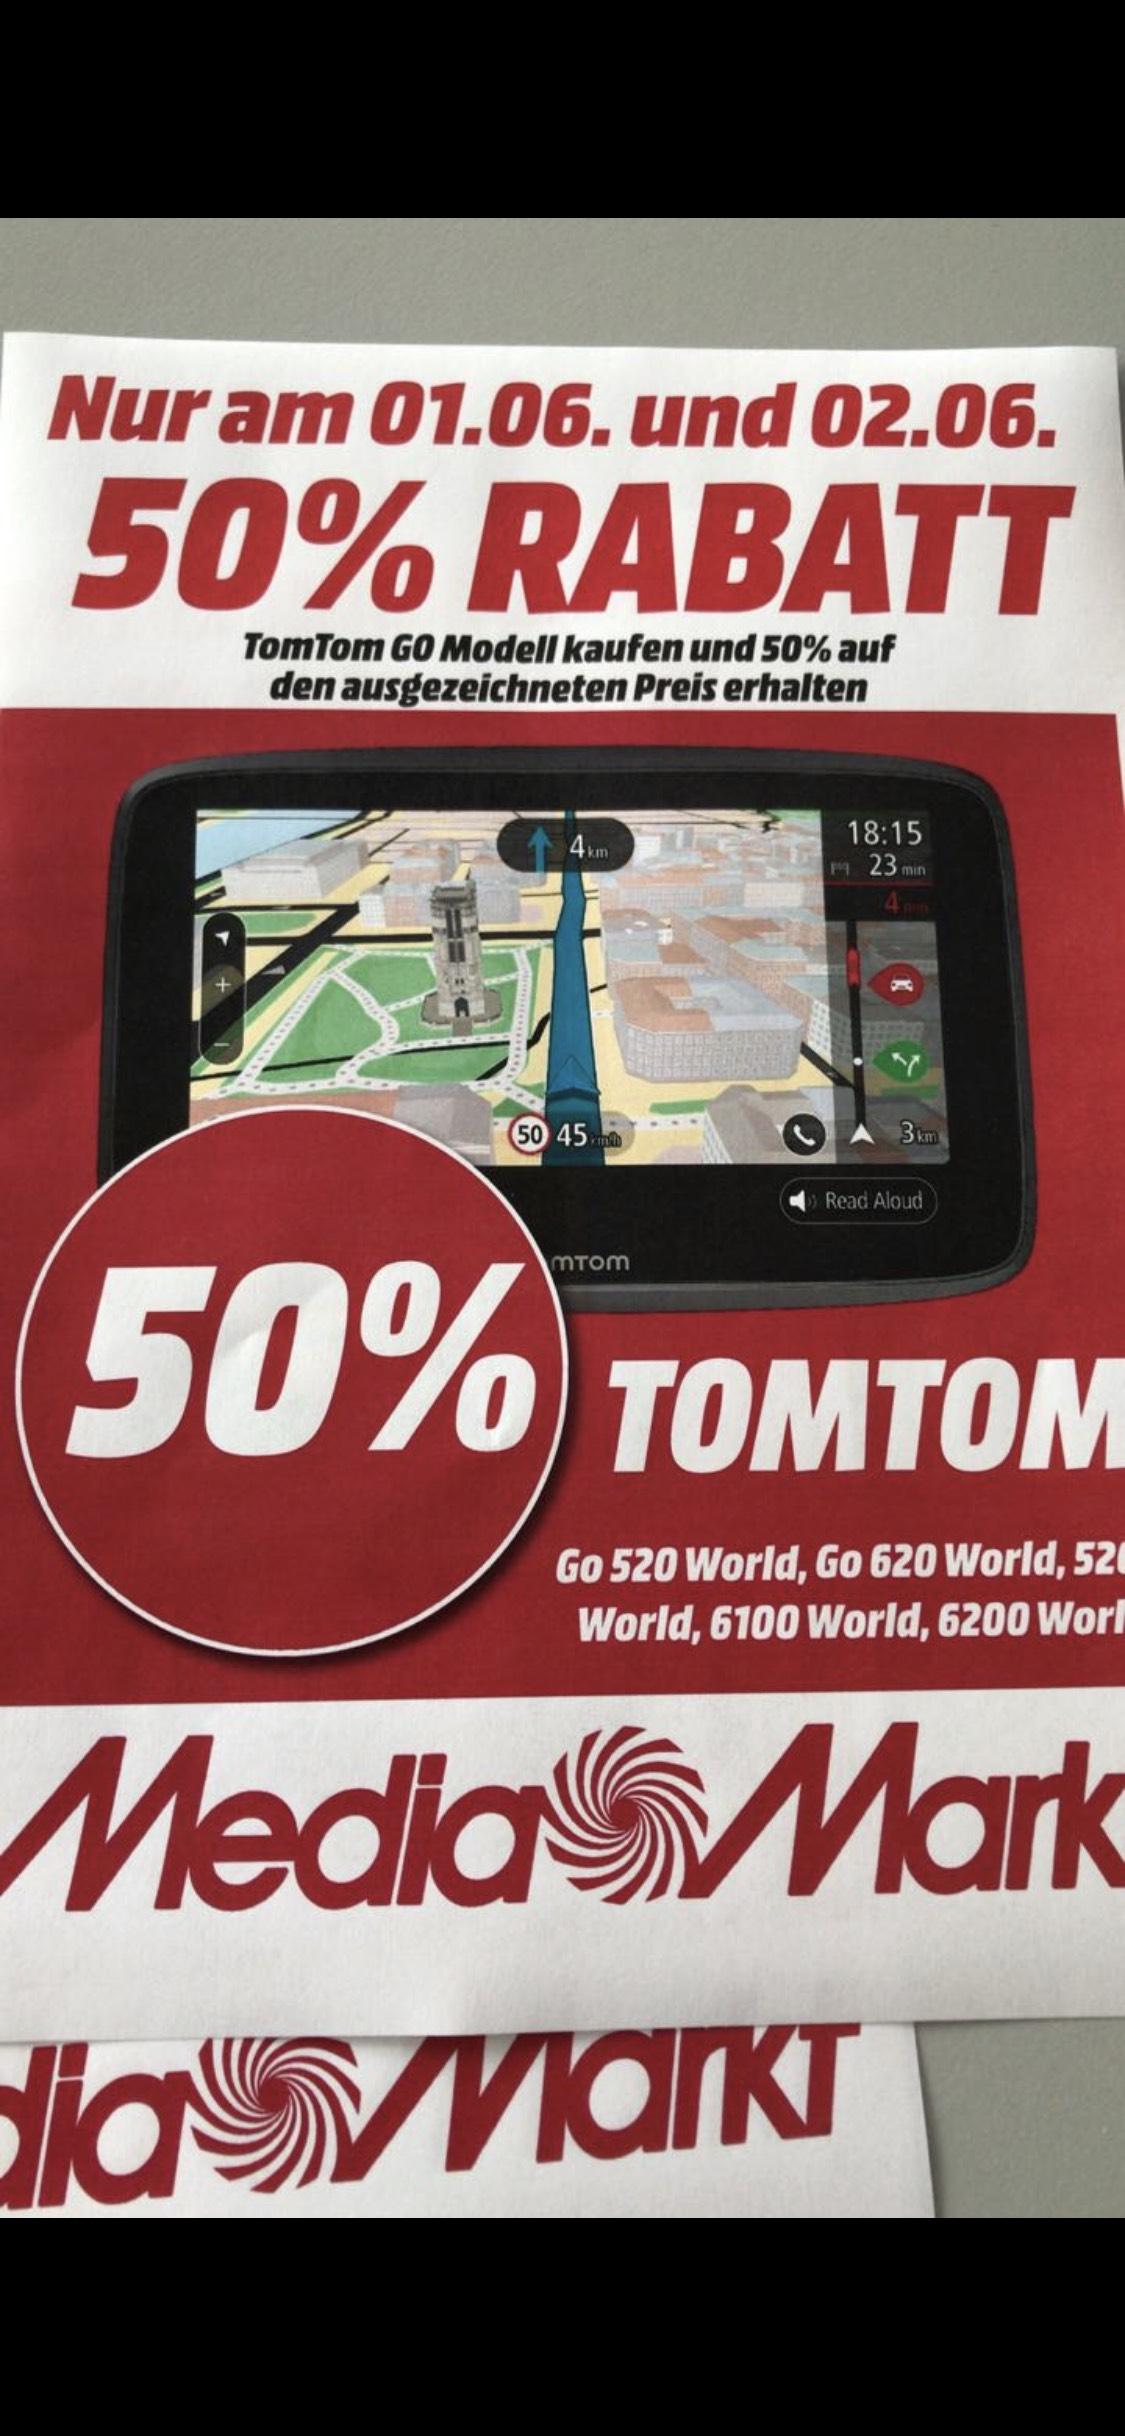 (Lokal Mainz) 50% auf alle TomTom Go Modelle